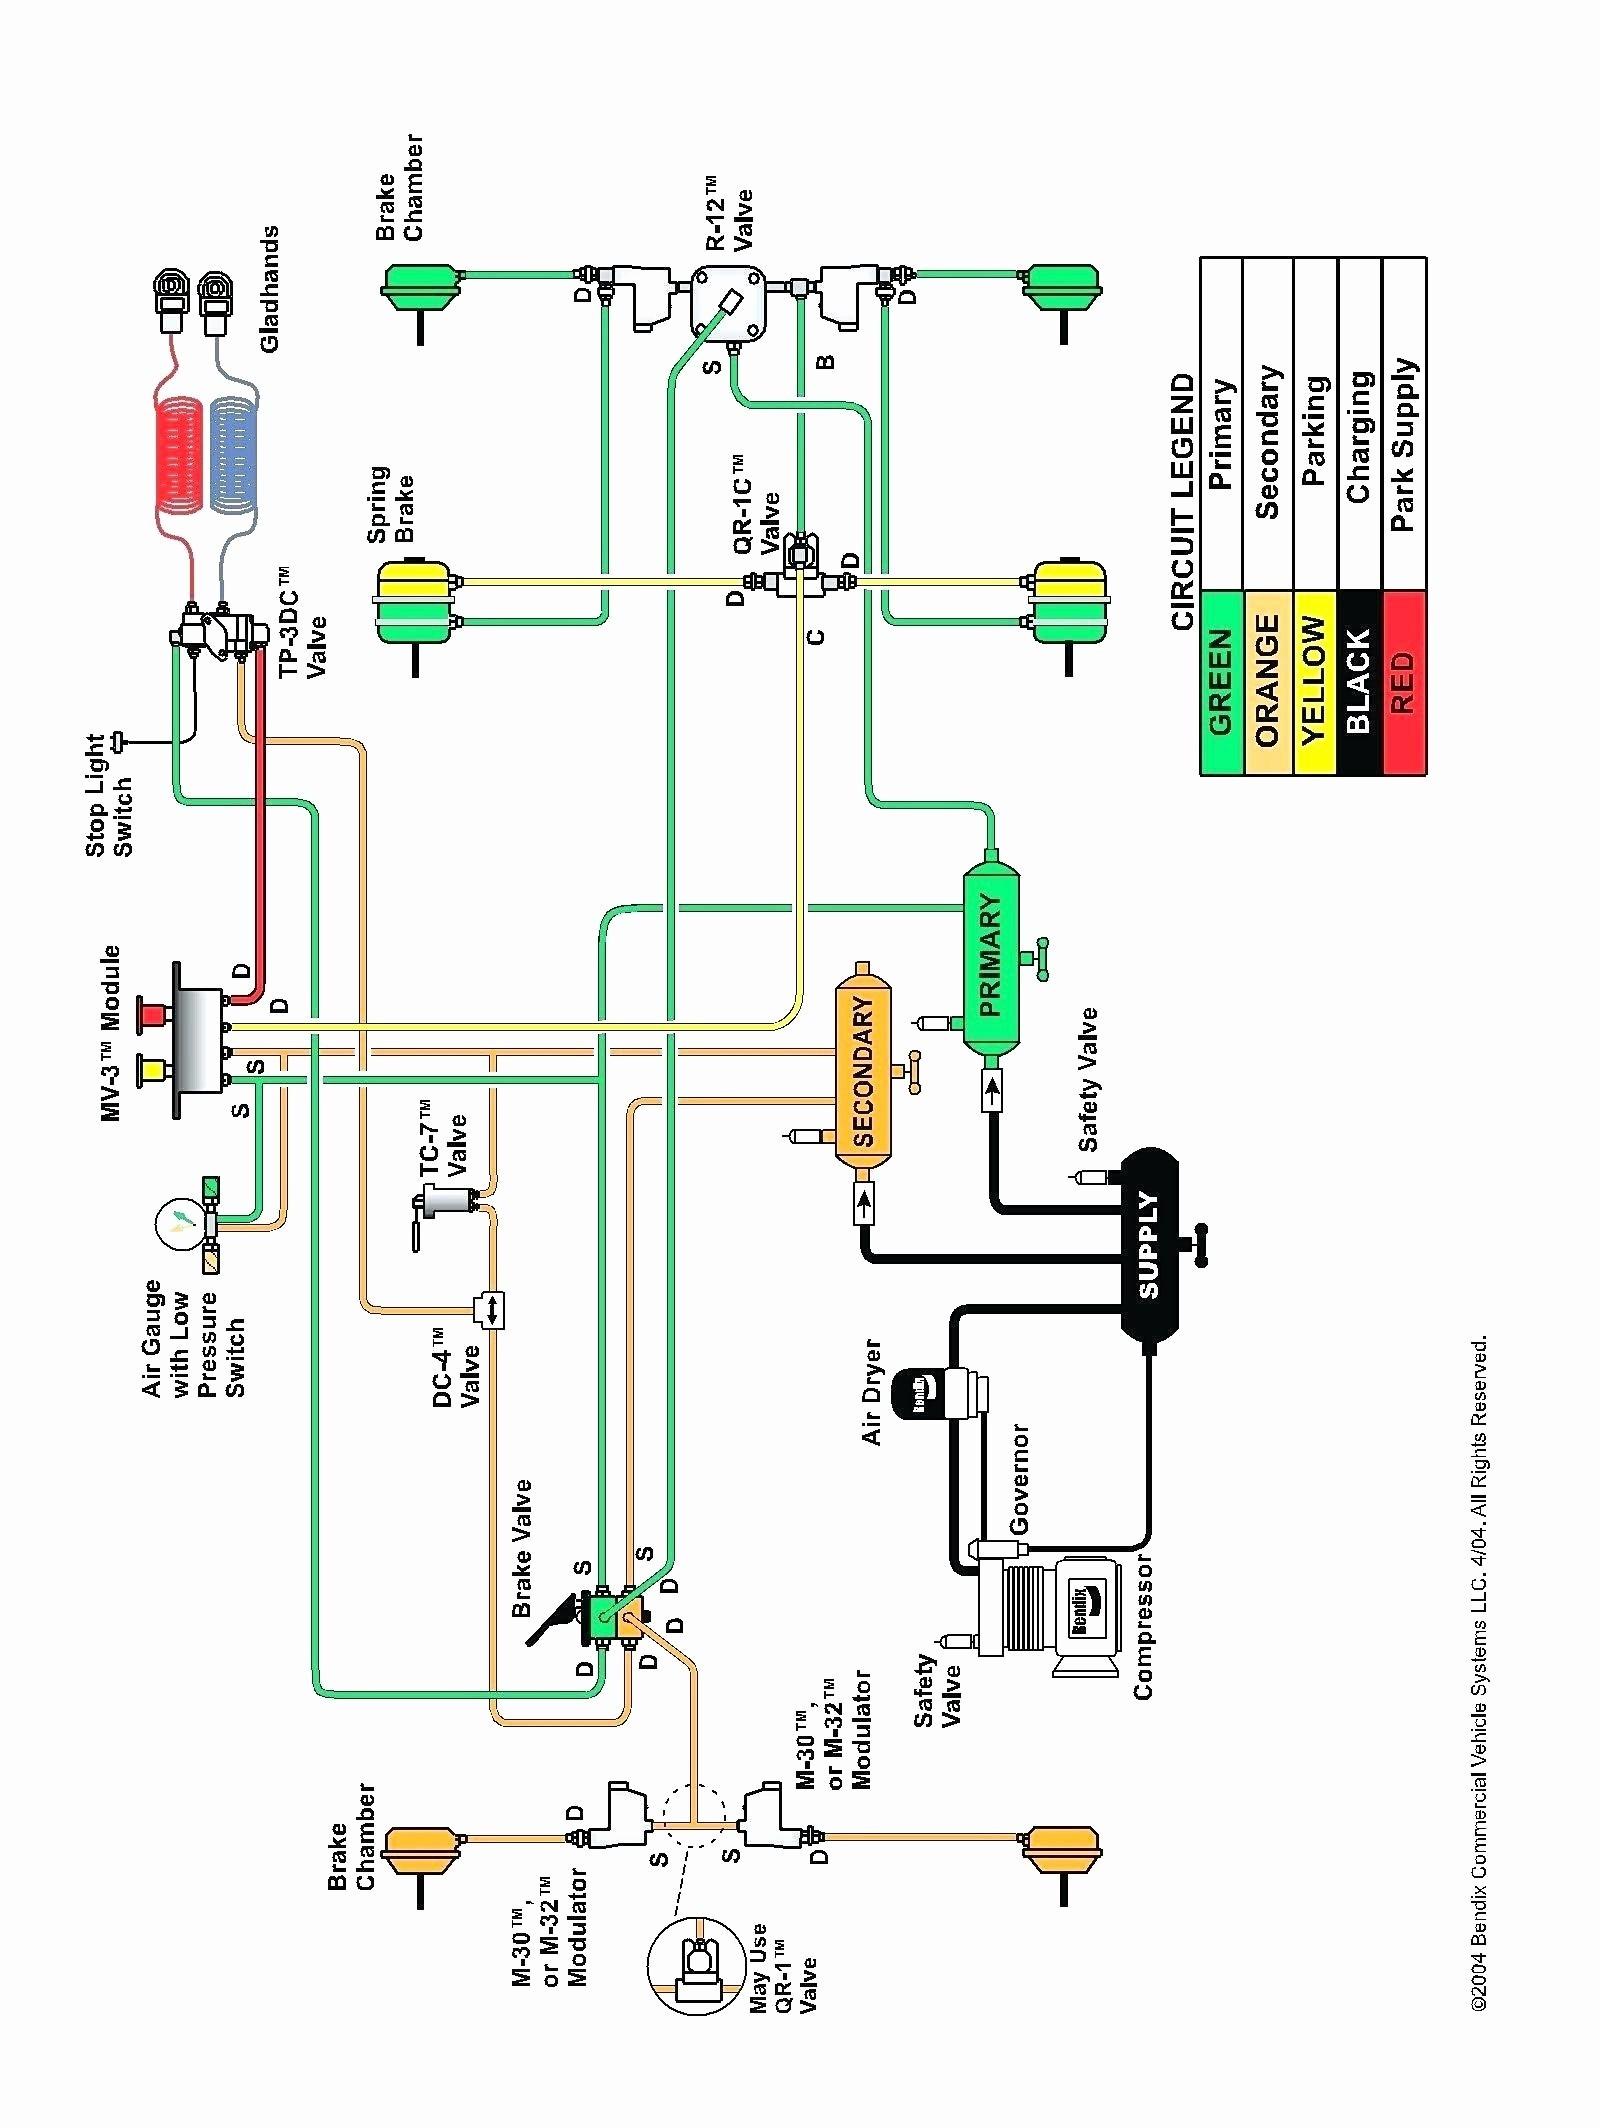 Meyer Snow Plow Wiring Diagram E47 Yellow Snow Plow Wiring Diagram Box Schematics Wiring Diagrams • Of Meyer Snow Plow Wiring Diagram E47